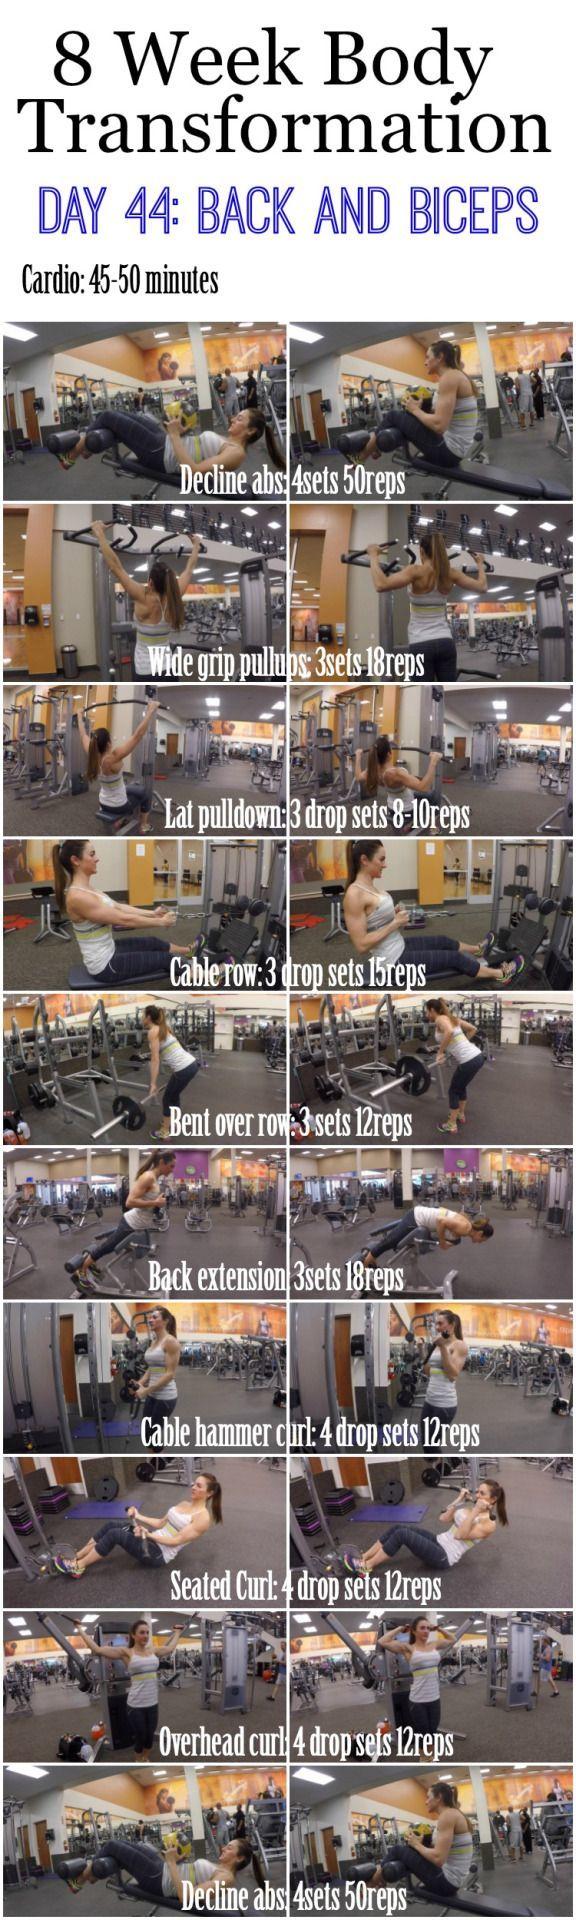 Gym & Entraînement : Kelsi.Sasser — 8 week body transformation Day 44 - Flashmode Belgium